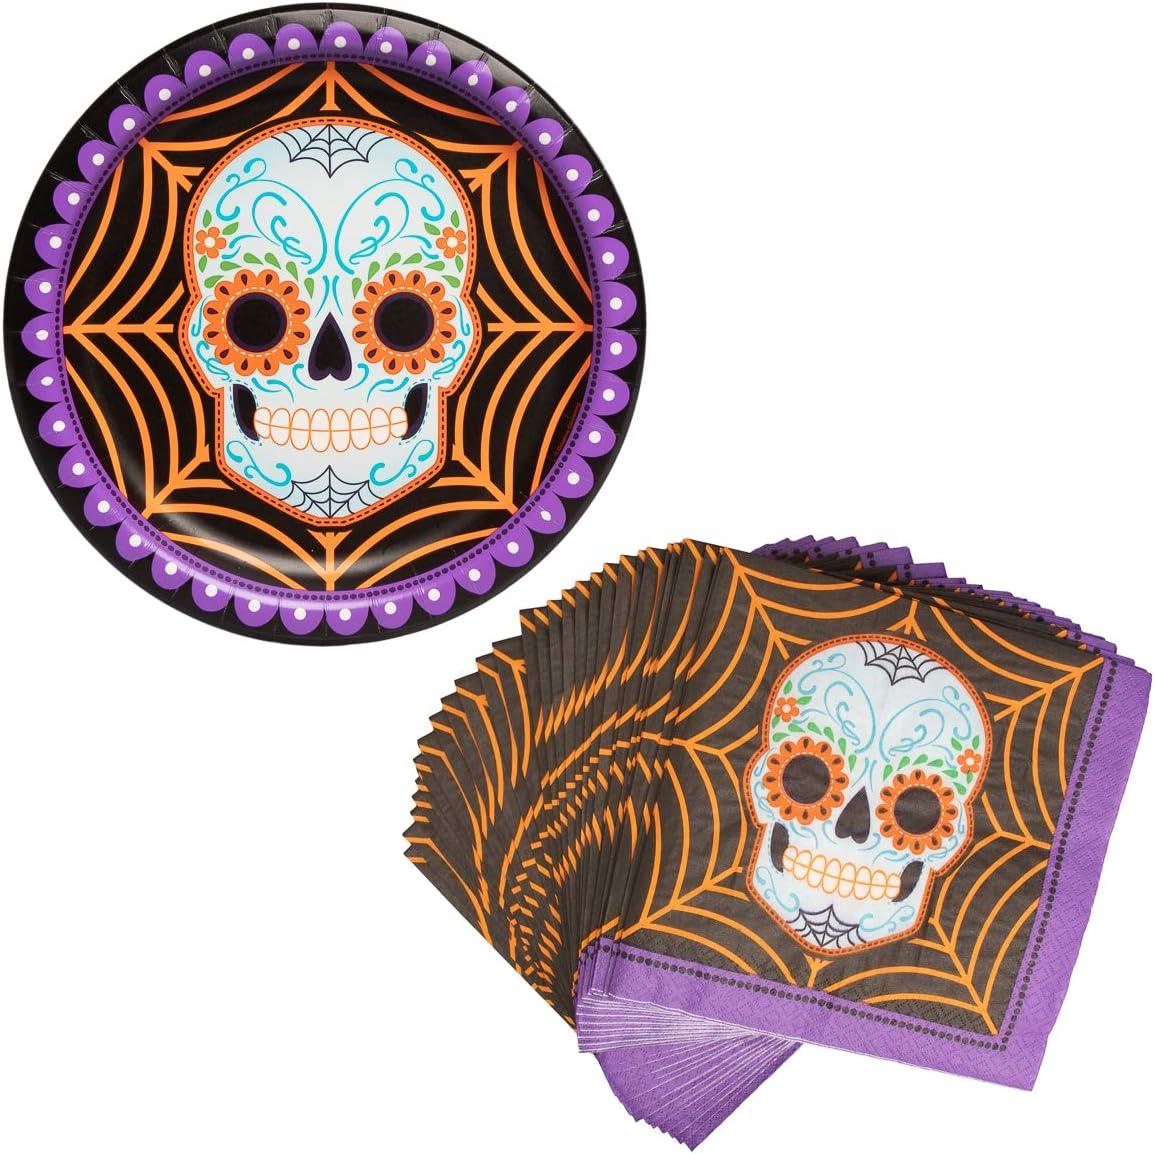 Sugar Skull Plates and Napkin Sets